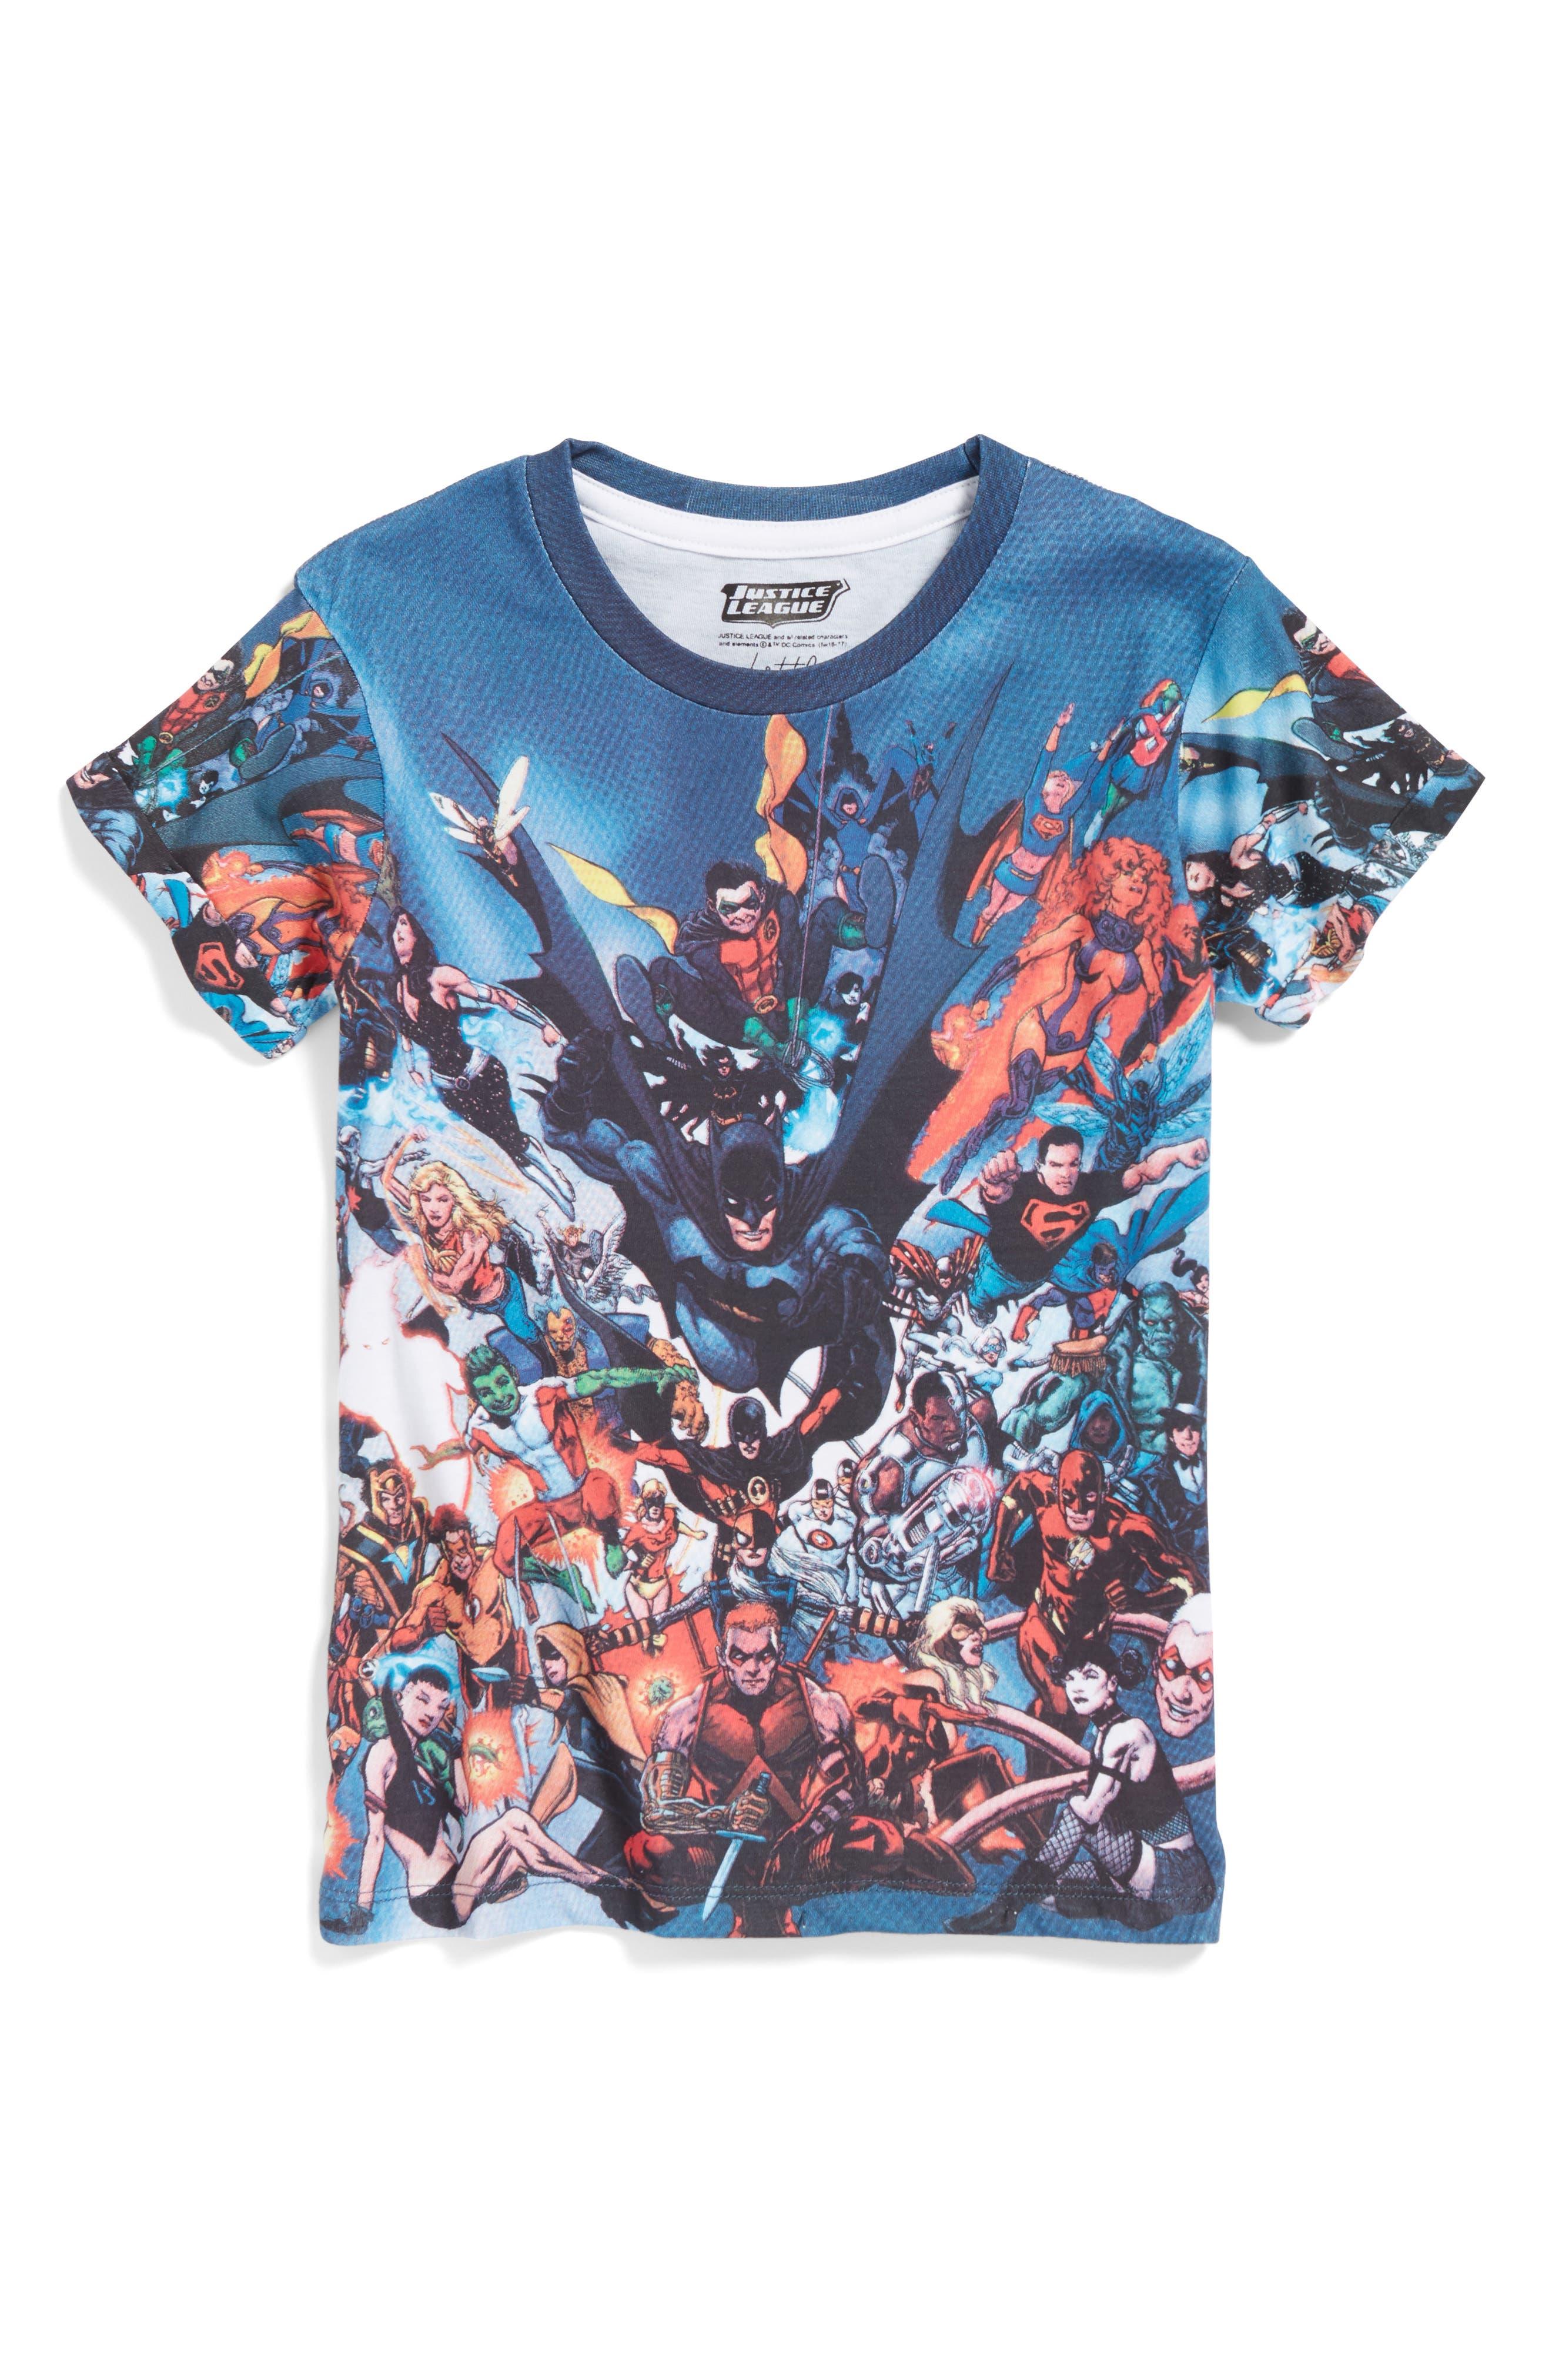 Main Image - Little ELEVENPARIS Justice League Superhero T-Shirt (Toddler Boys, Little Boys & Big Boys)